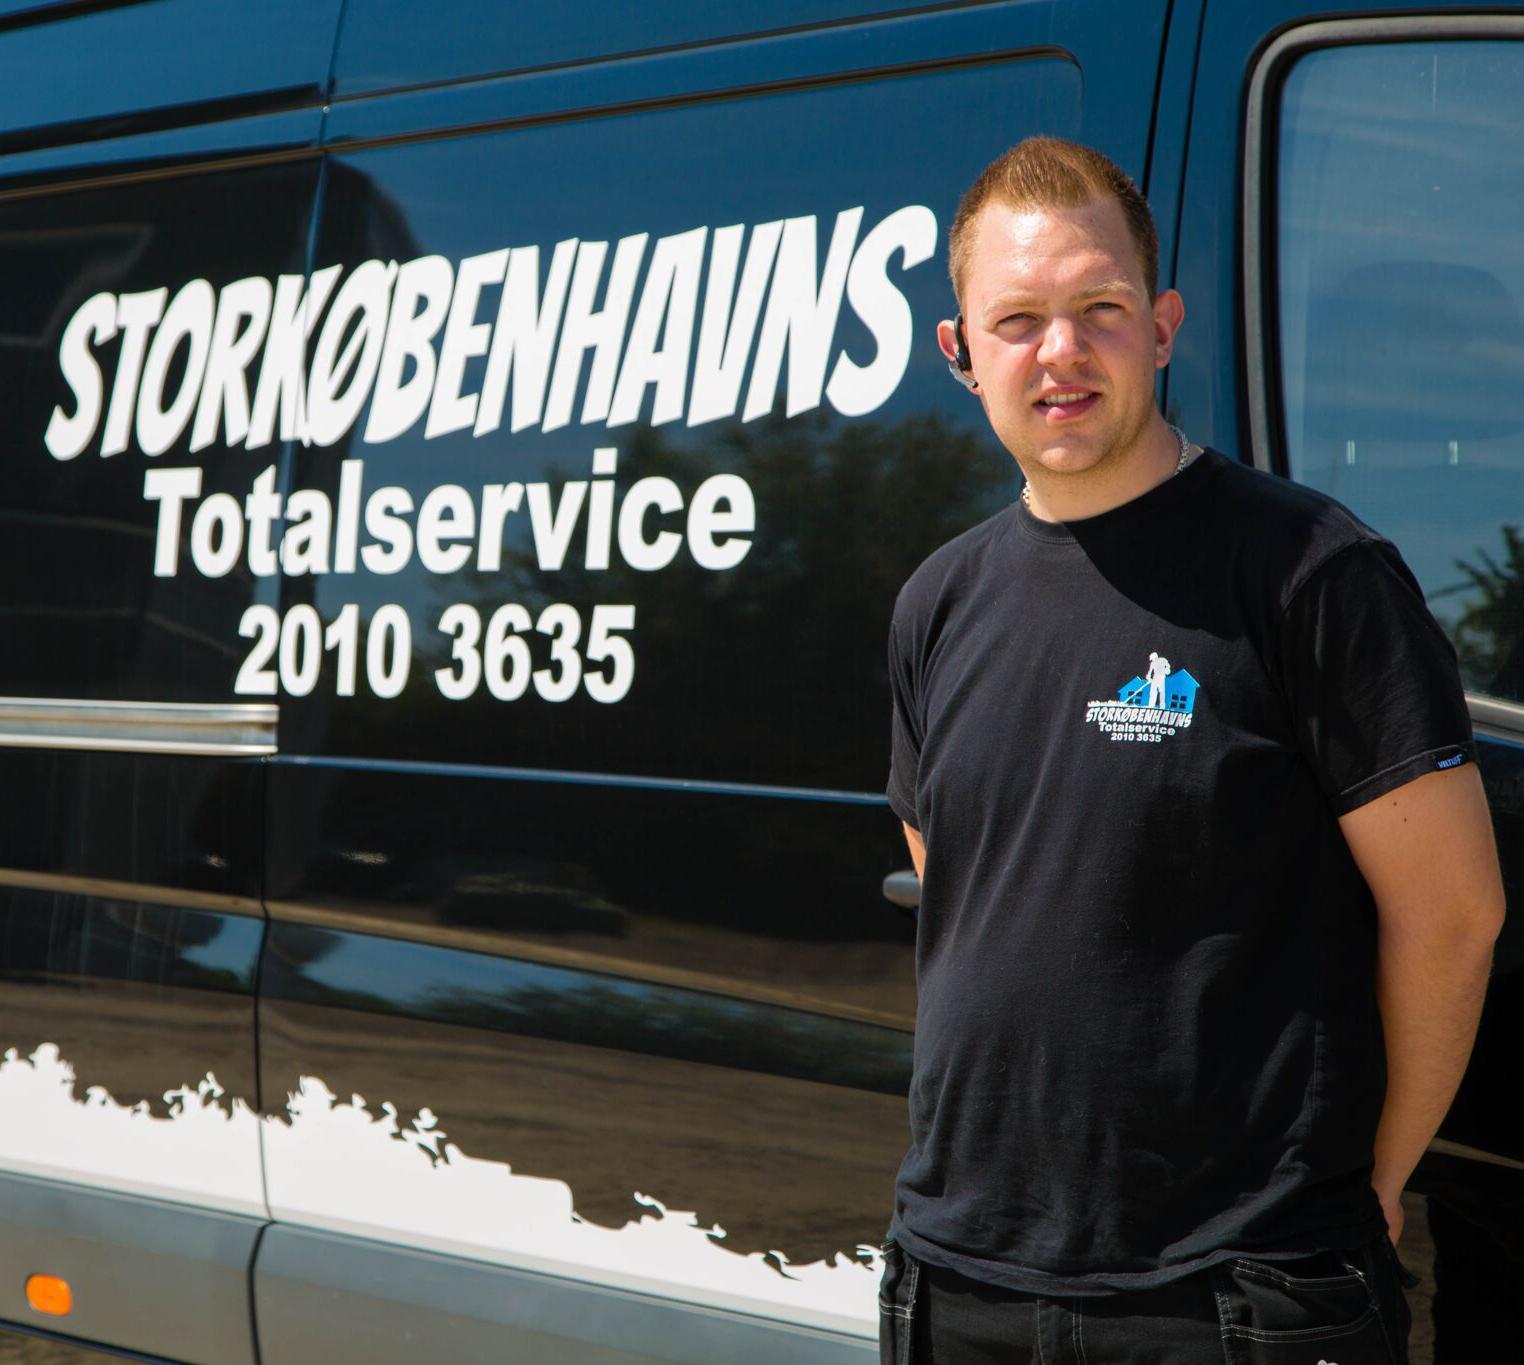 Billede af ejer Paw foran en SK totalservice varevogn